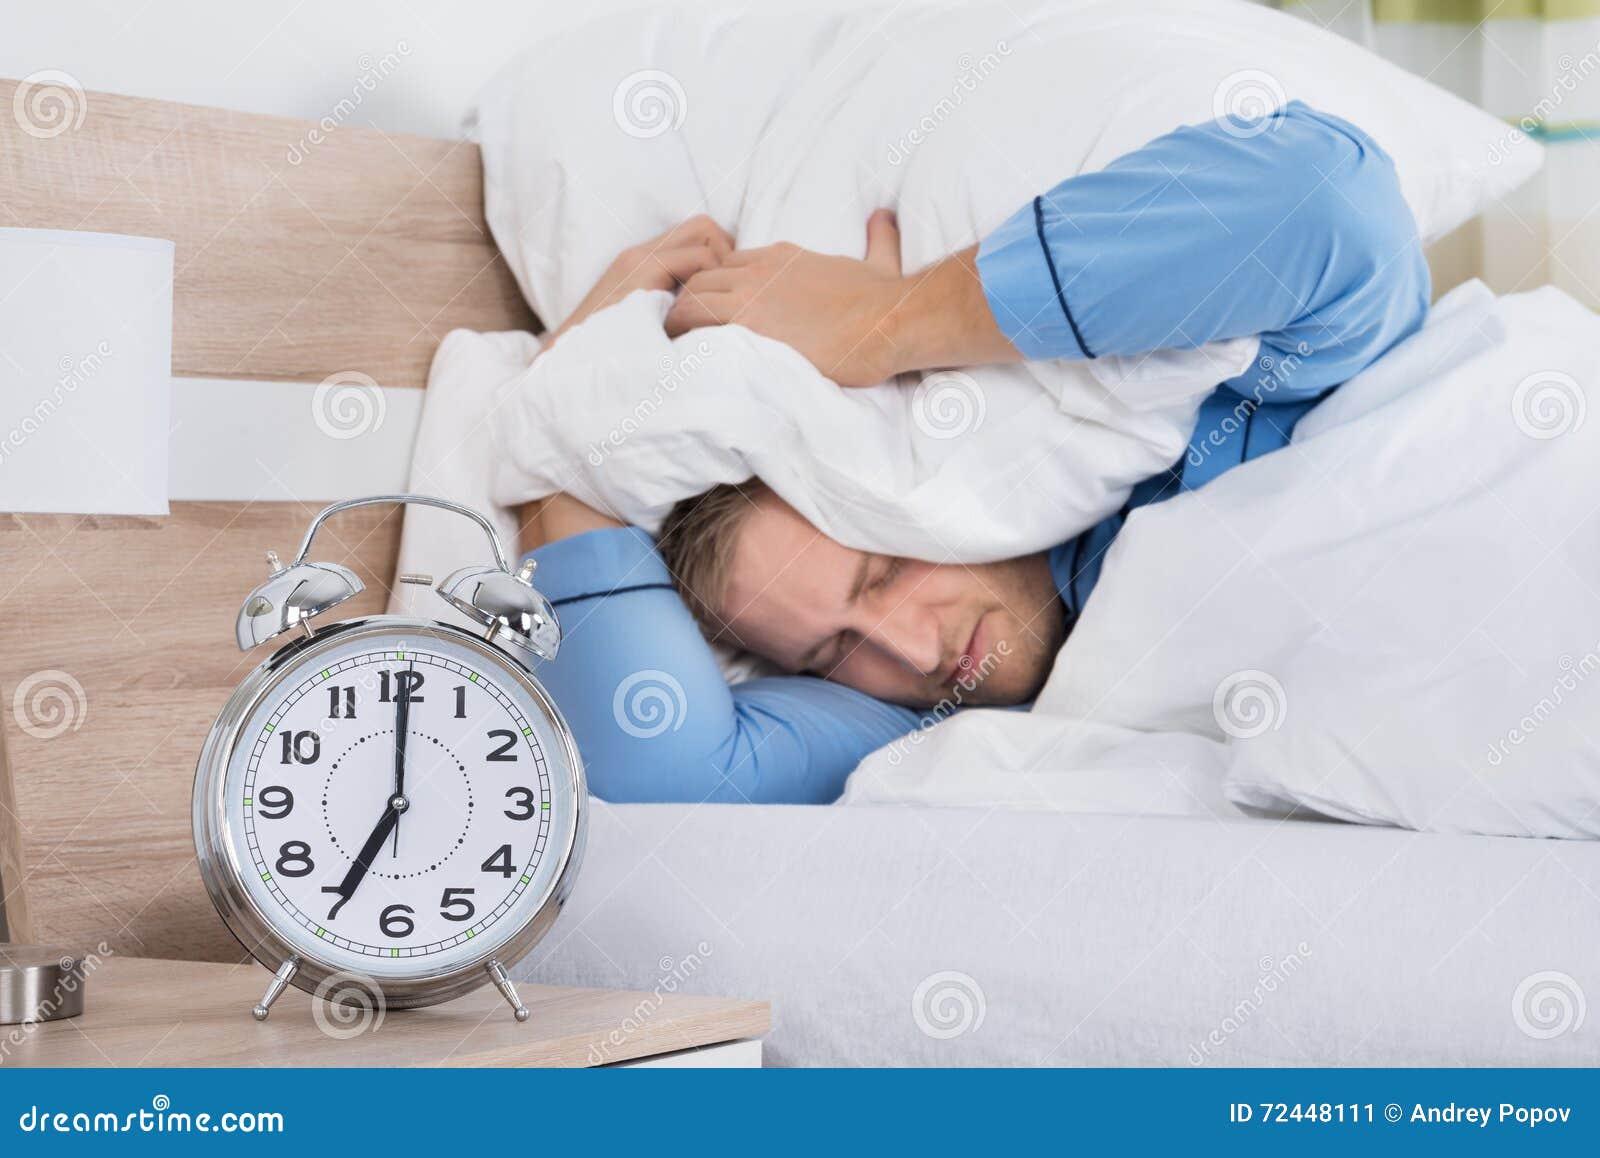 Hombre durmiente molestado sonando el despertador